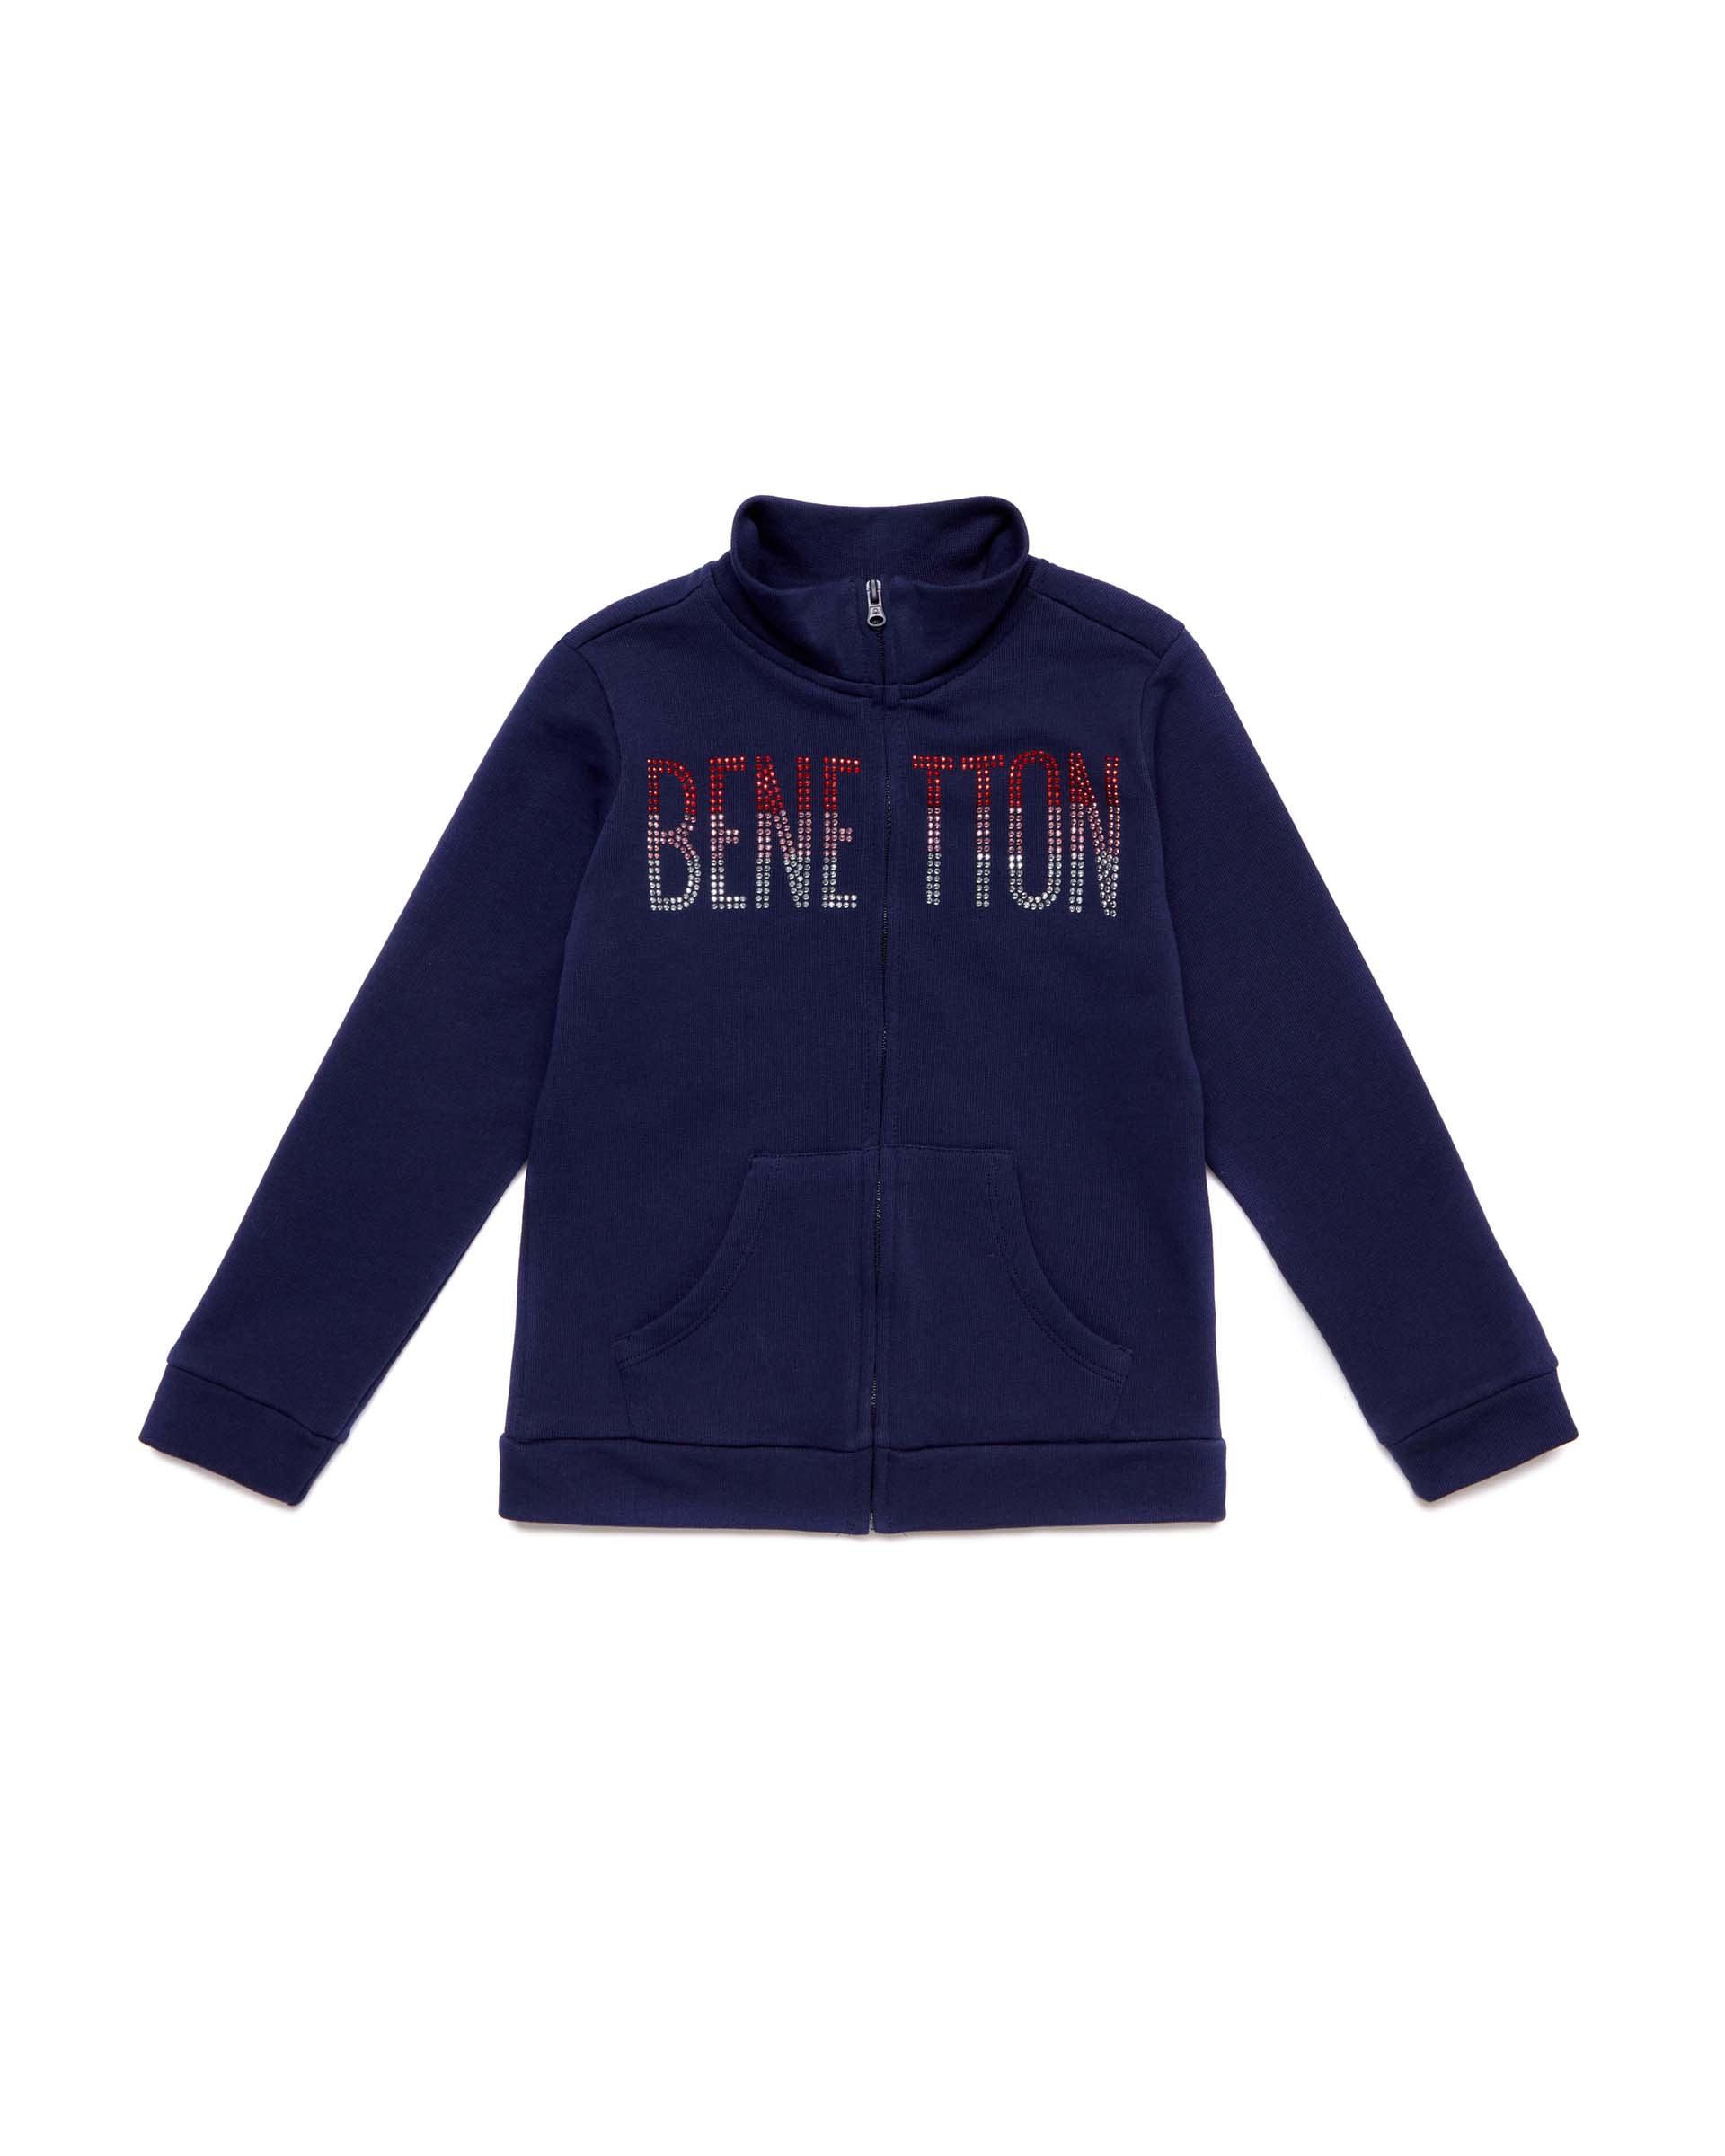 Купить 20P_3J68C5793_252, Толстовка для девочек Benetton 3J68C5793_252 р-р 152, United Colors of Benetton, Толстовки для девочек